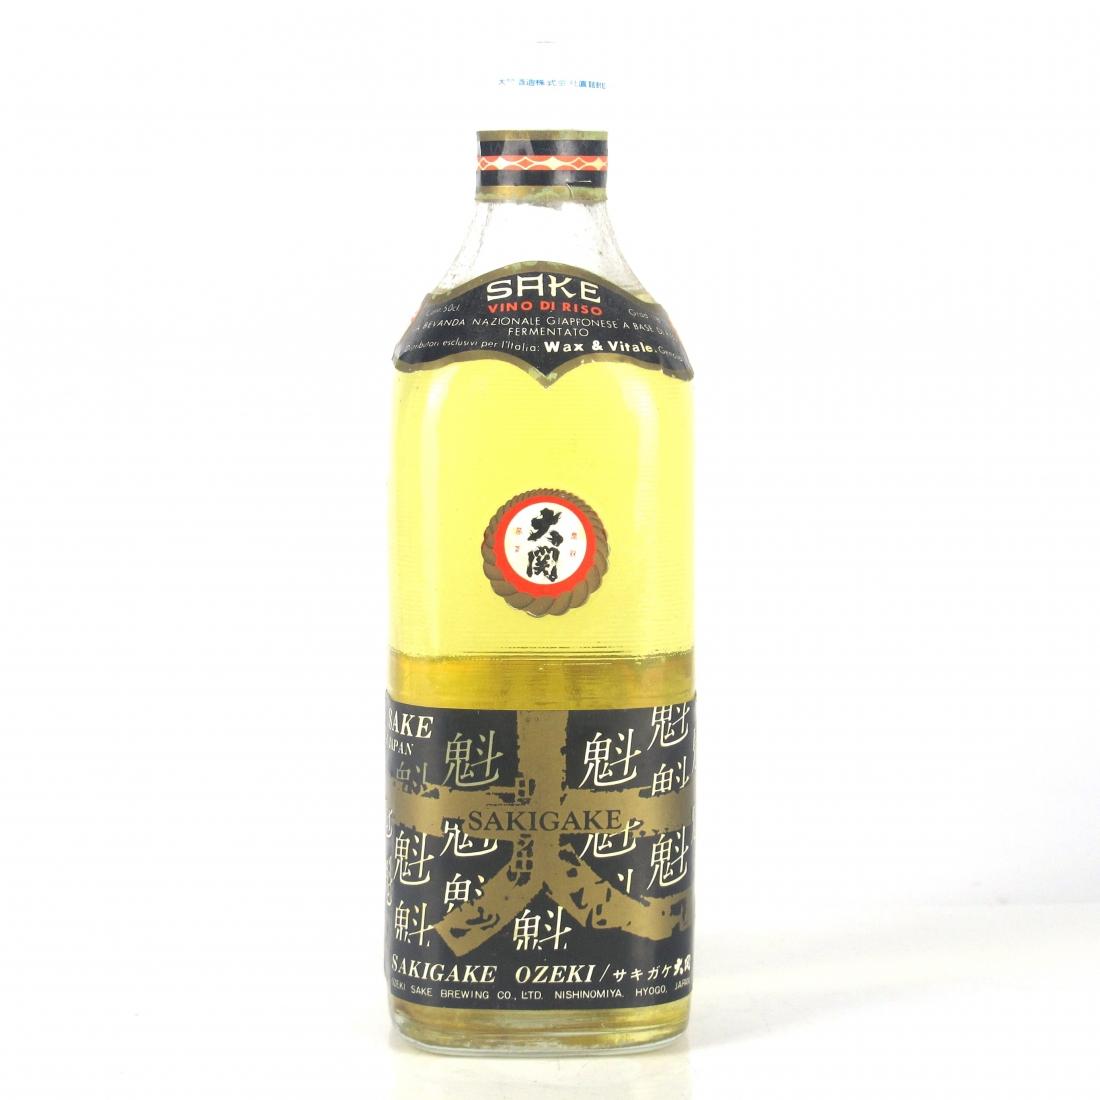 Sakigake A-1 Sake of Japan 50cl